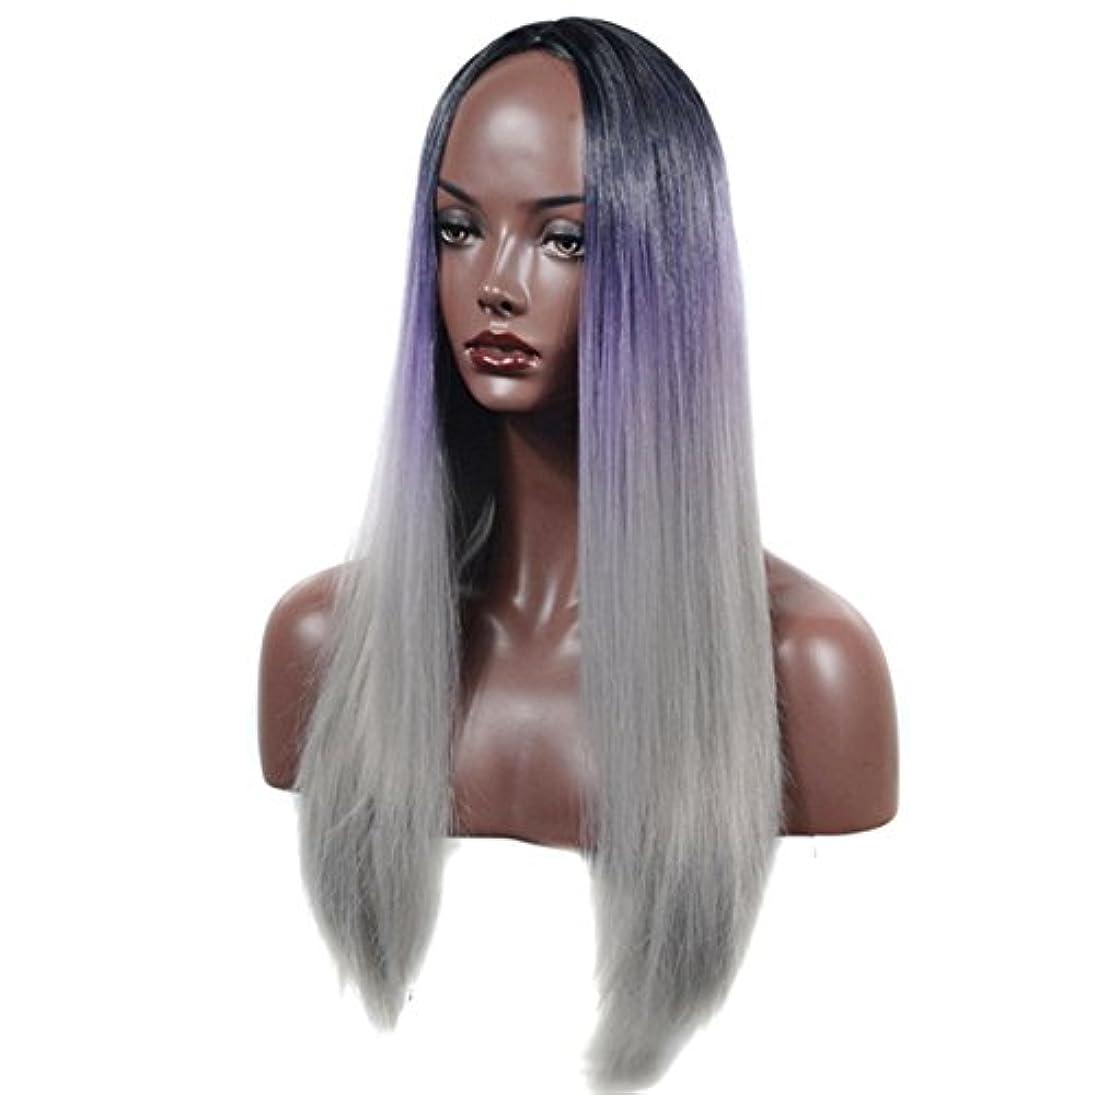 孤独な深くウォーターフロントBOBIDYEE ロングストレートウィッグ60センチ - コスプ??レウィッグブラック&パープル&グレーコスプレデイリーパーティーかつら本物の髪として自然な合成髪レースかつらロールプレイングかつらの3色グラデーション (色 : Three-color gradient)